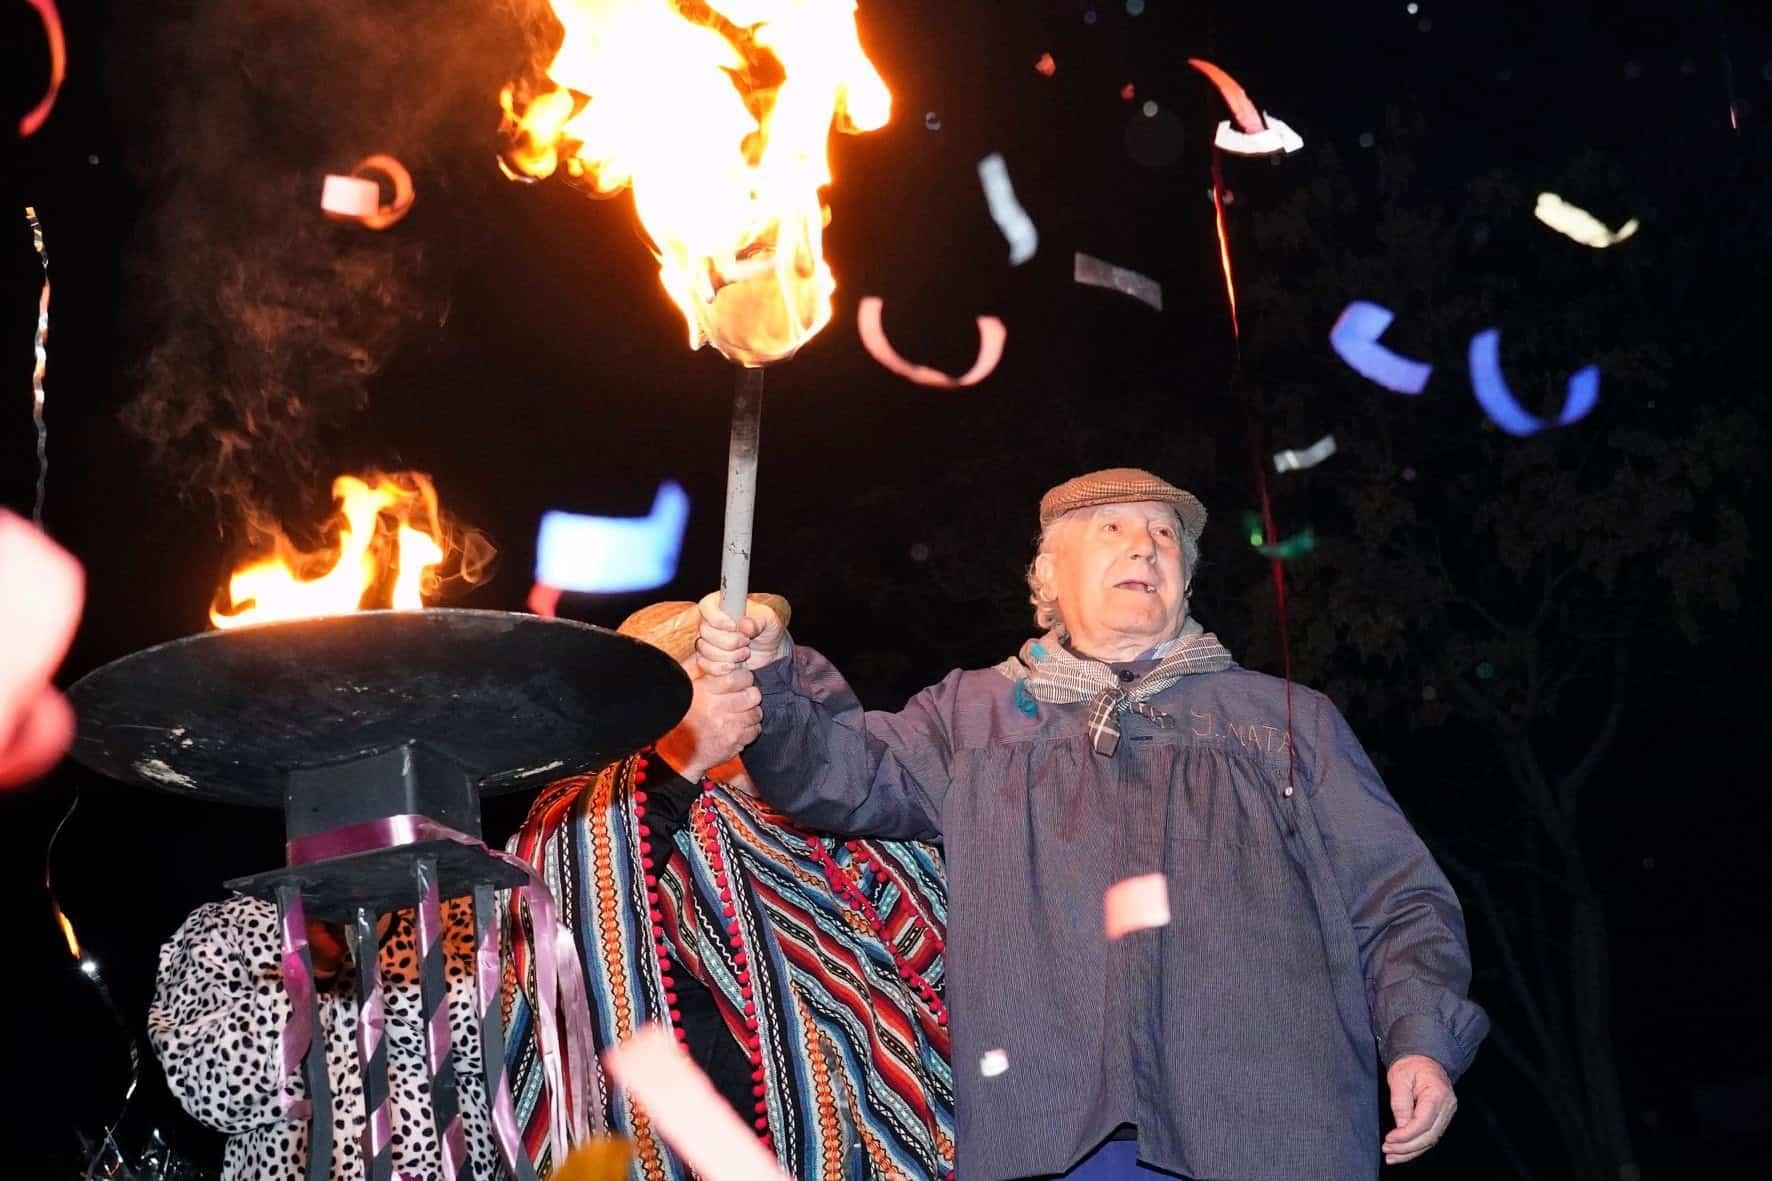 carnaval herencia 2020 viernes prisillas 3 - Viernes de Prisillas 2020 del Carnaval en imágenes